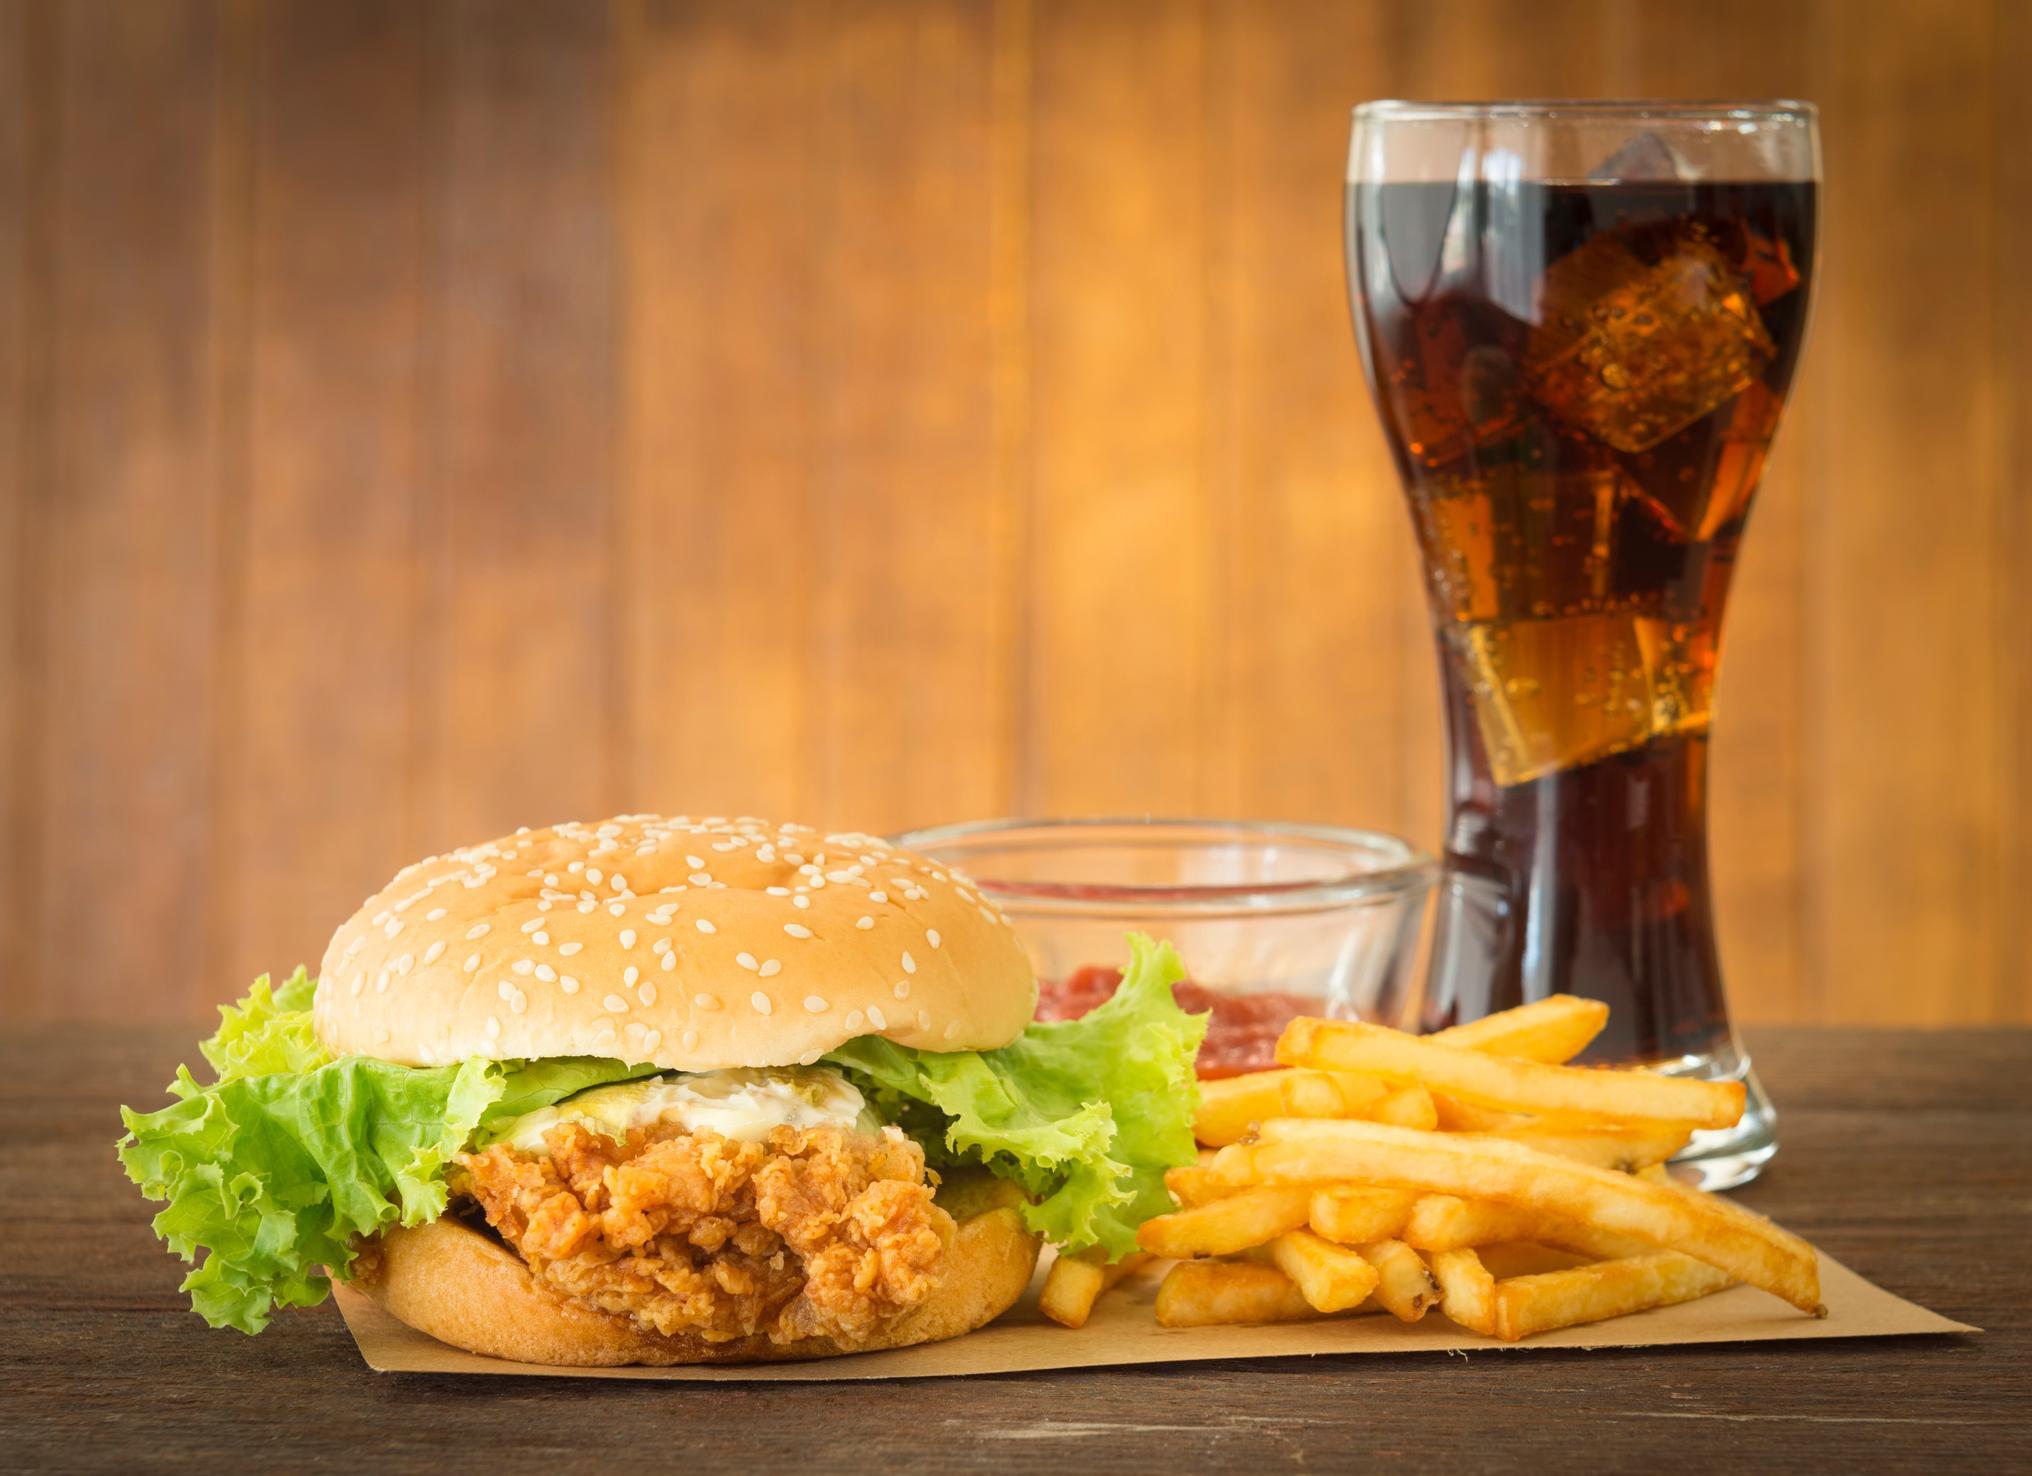 mcdonalds-chicken-sandwich-1575330765869.jpg